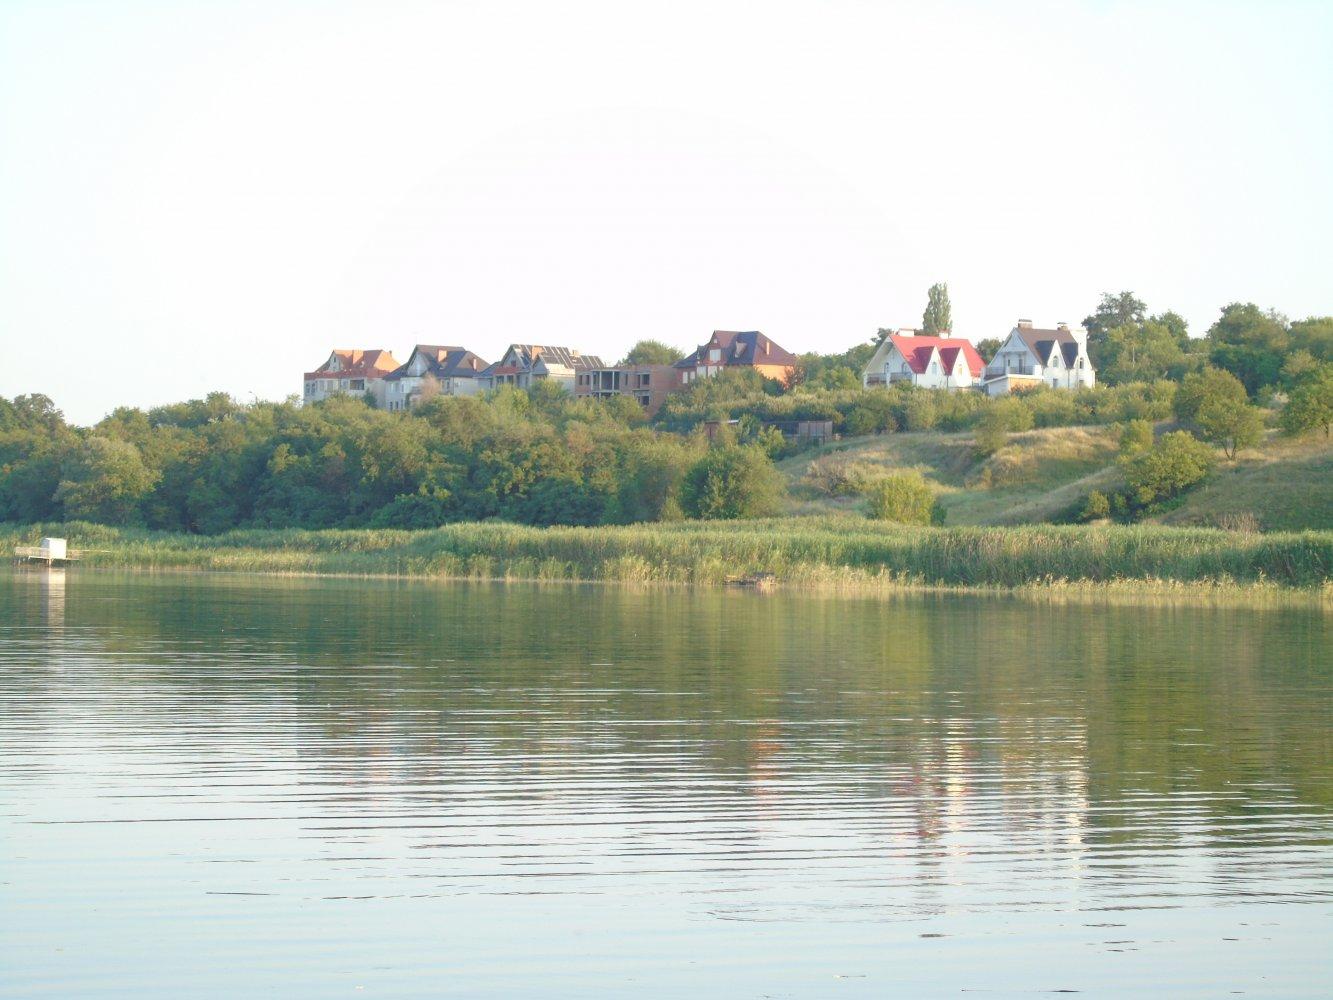 Фото DSC07585.JPG. Украина, Дніпропетровська область, Unnamed Road